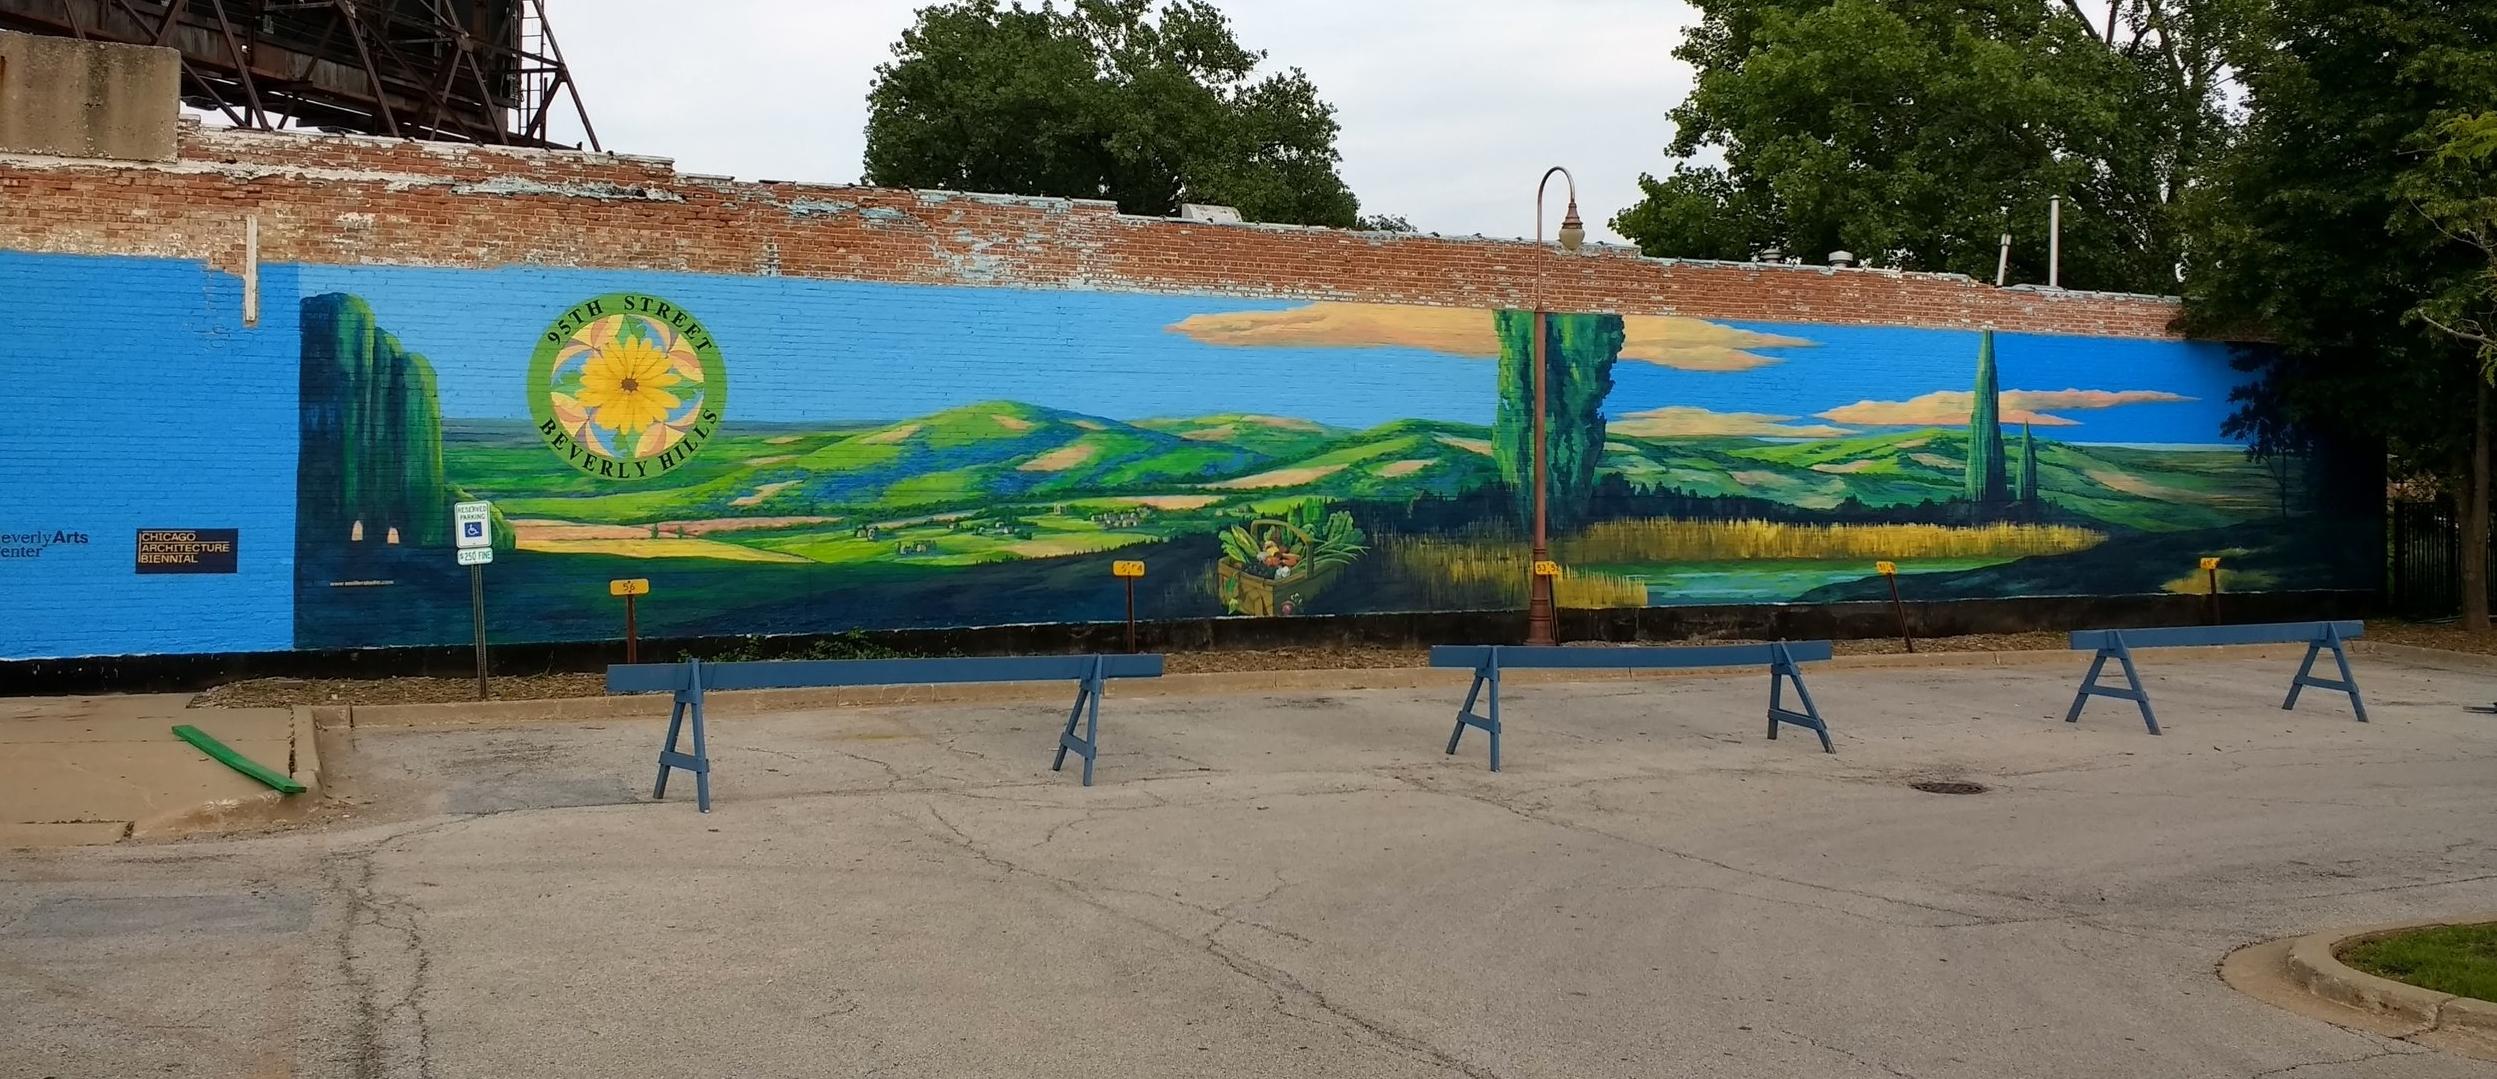 95th St. Farmer's Market Mural